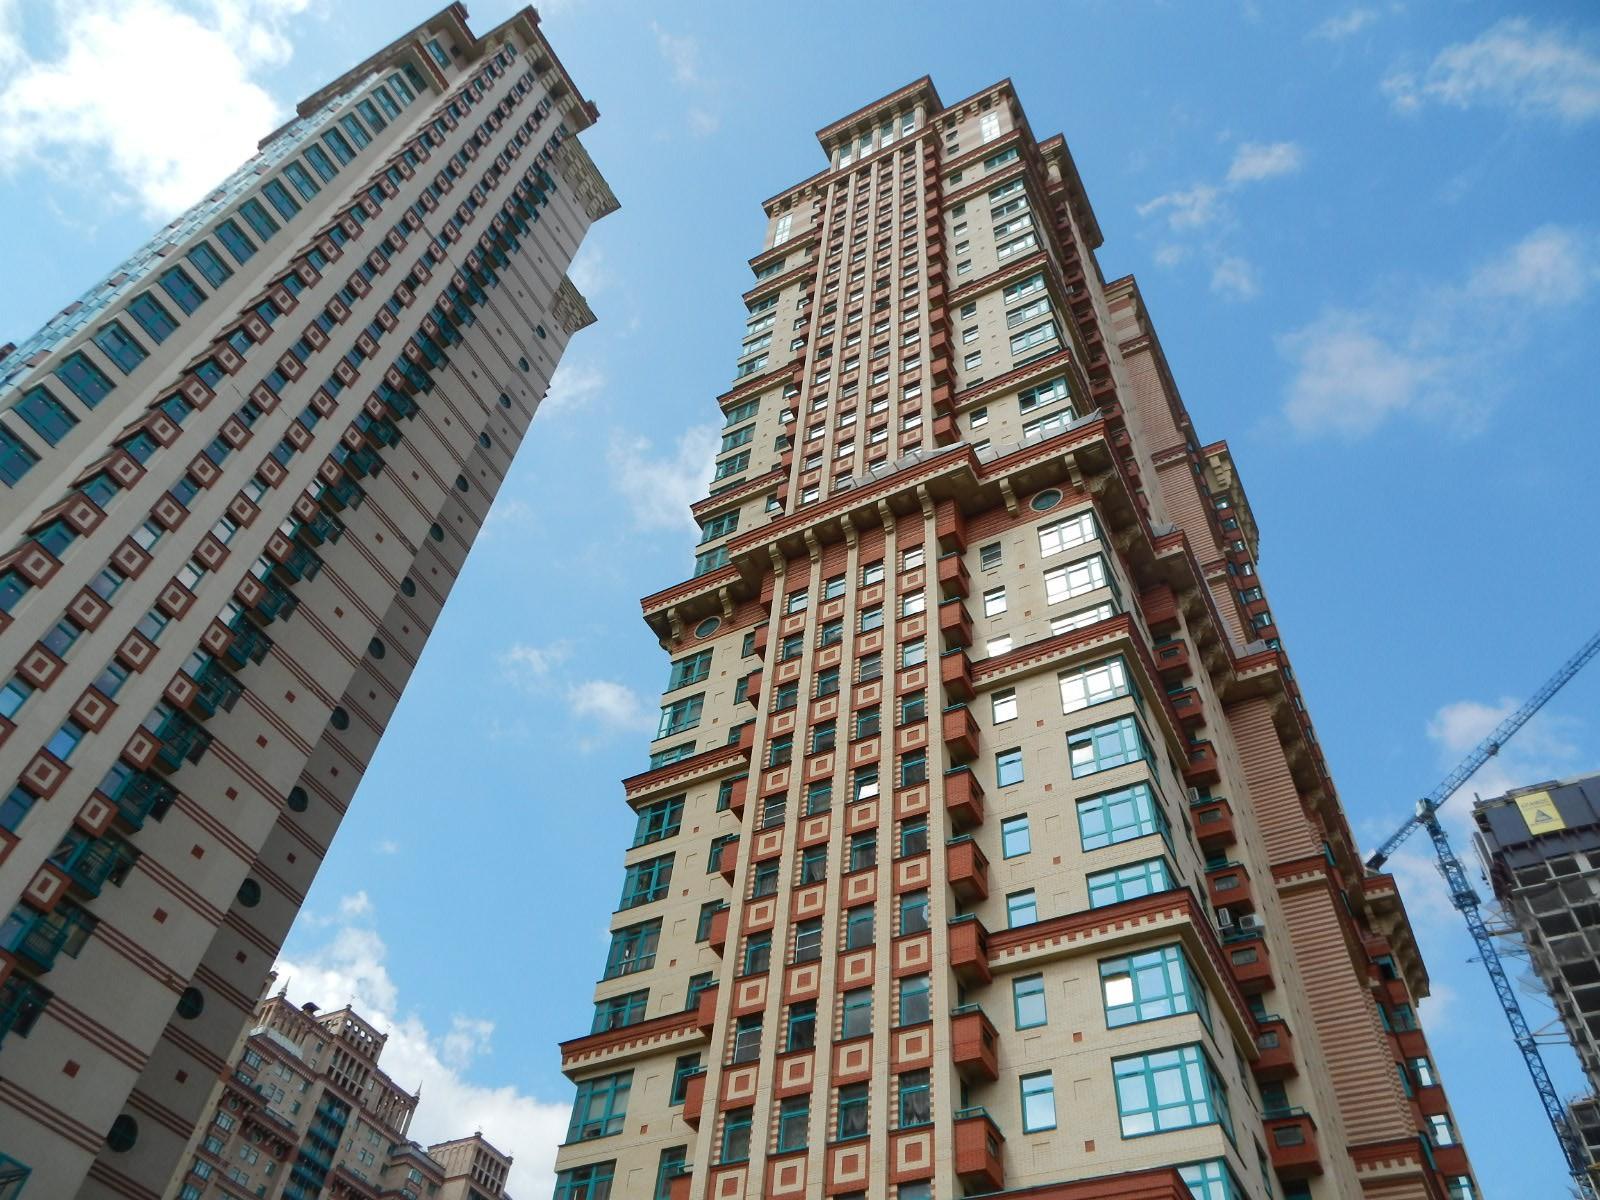 В настоящее время на столичном рынке недвижимости в процессе строительства находится 507